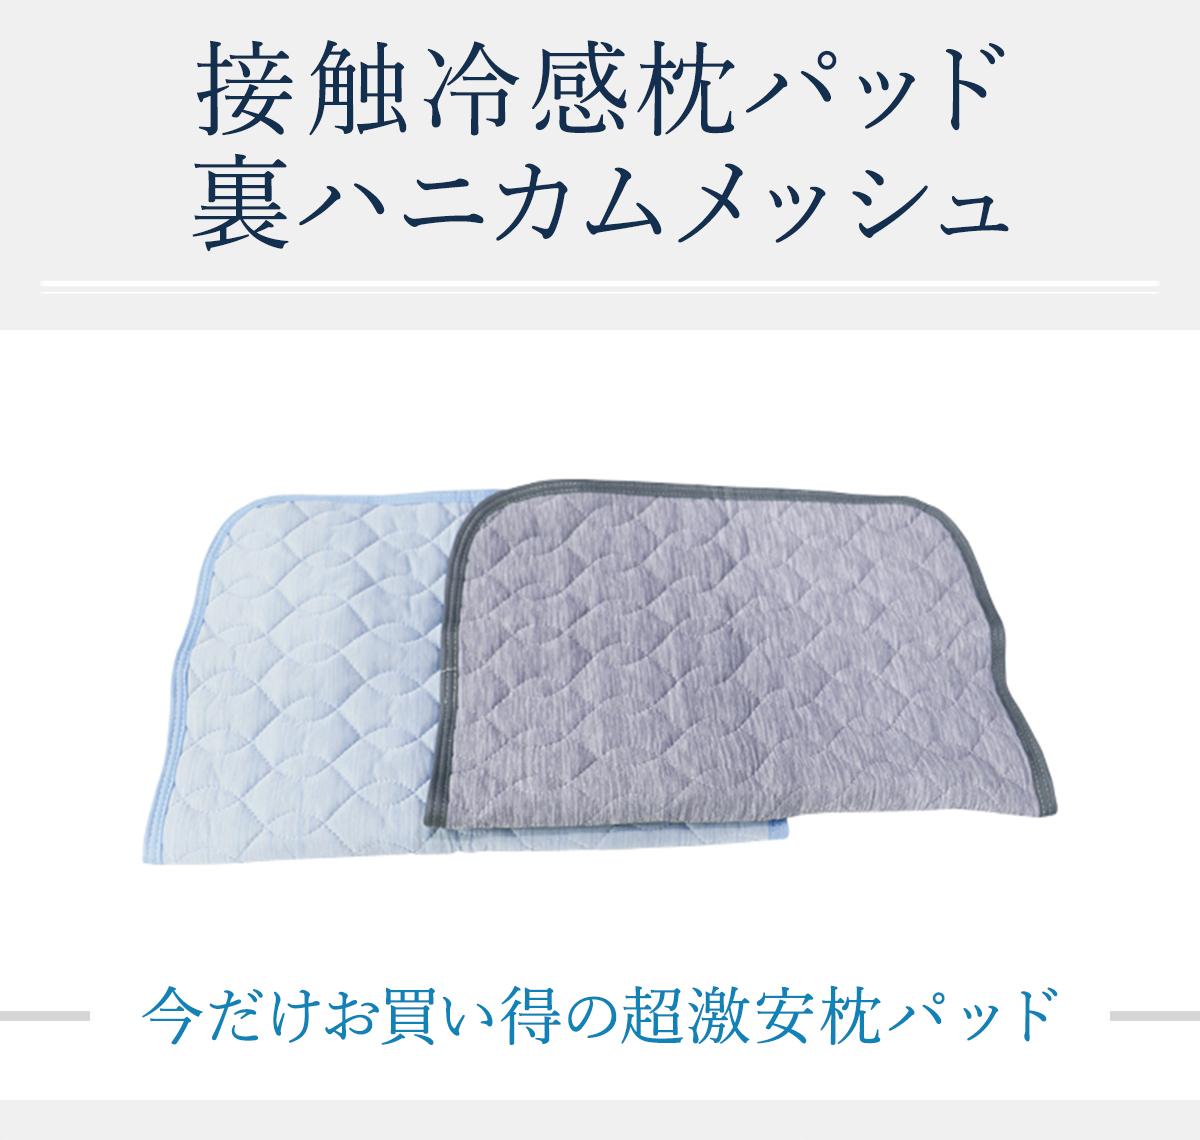 接触冷感枕パッド 裏ハニカムメッシュ (ネイビー・45x55cm)